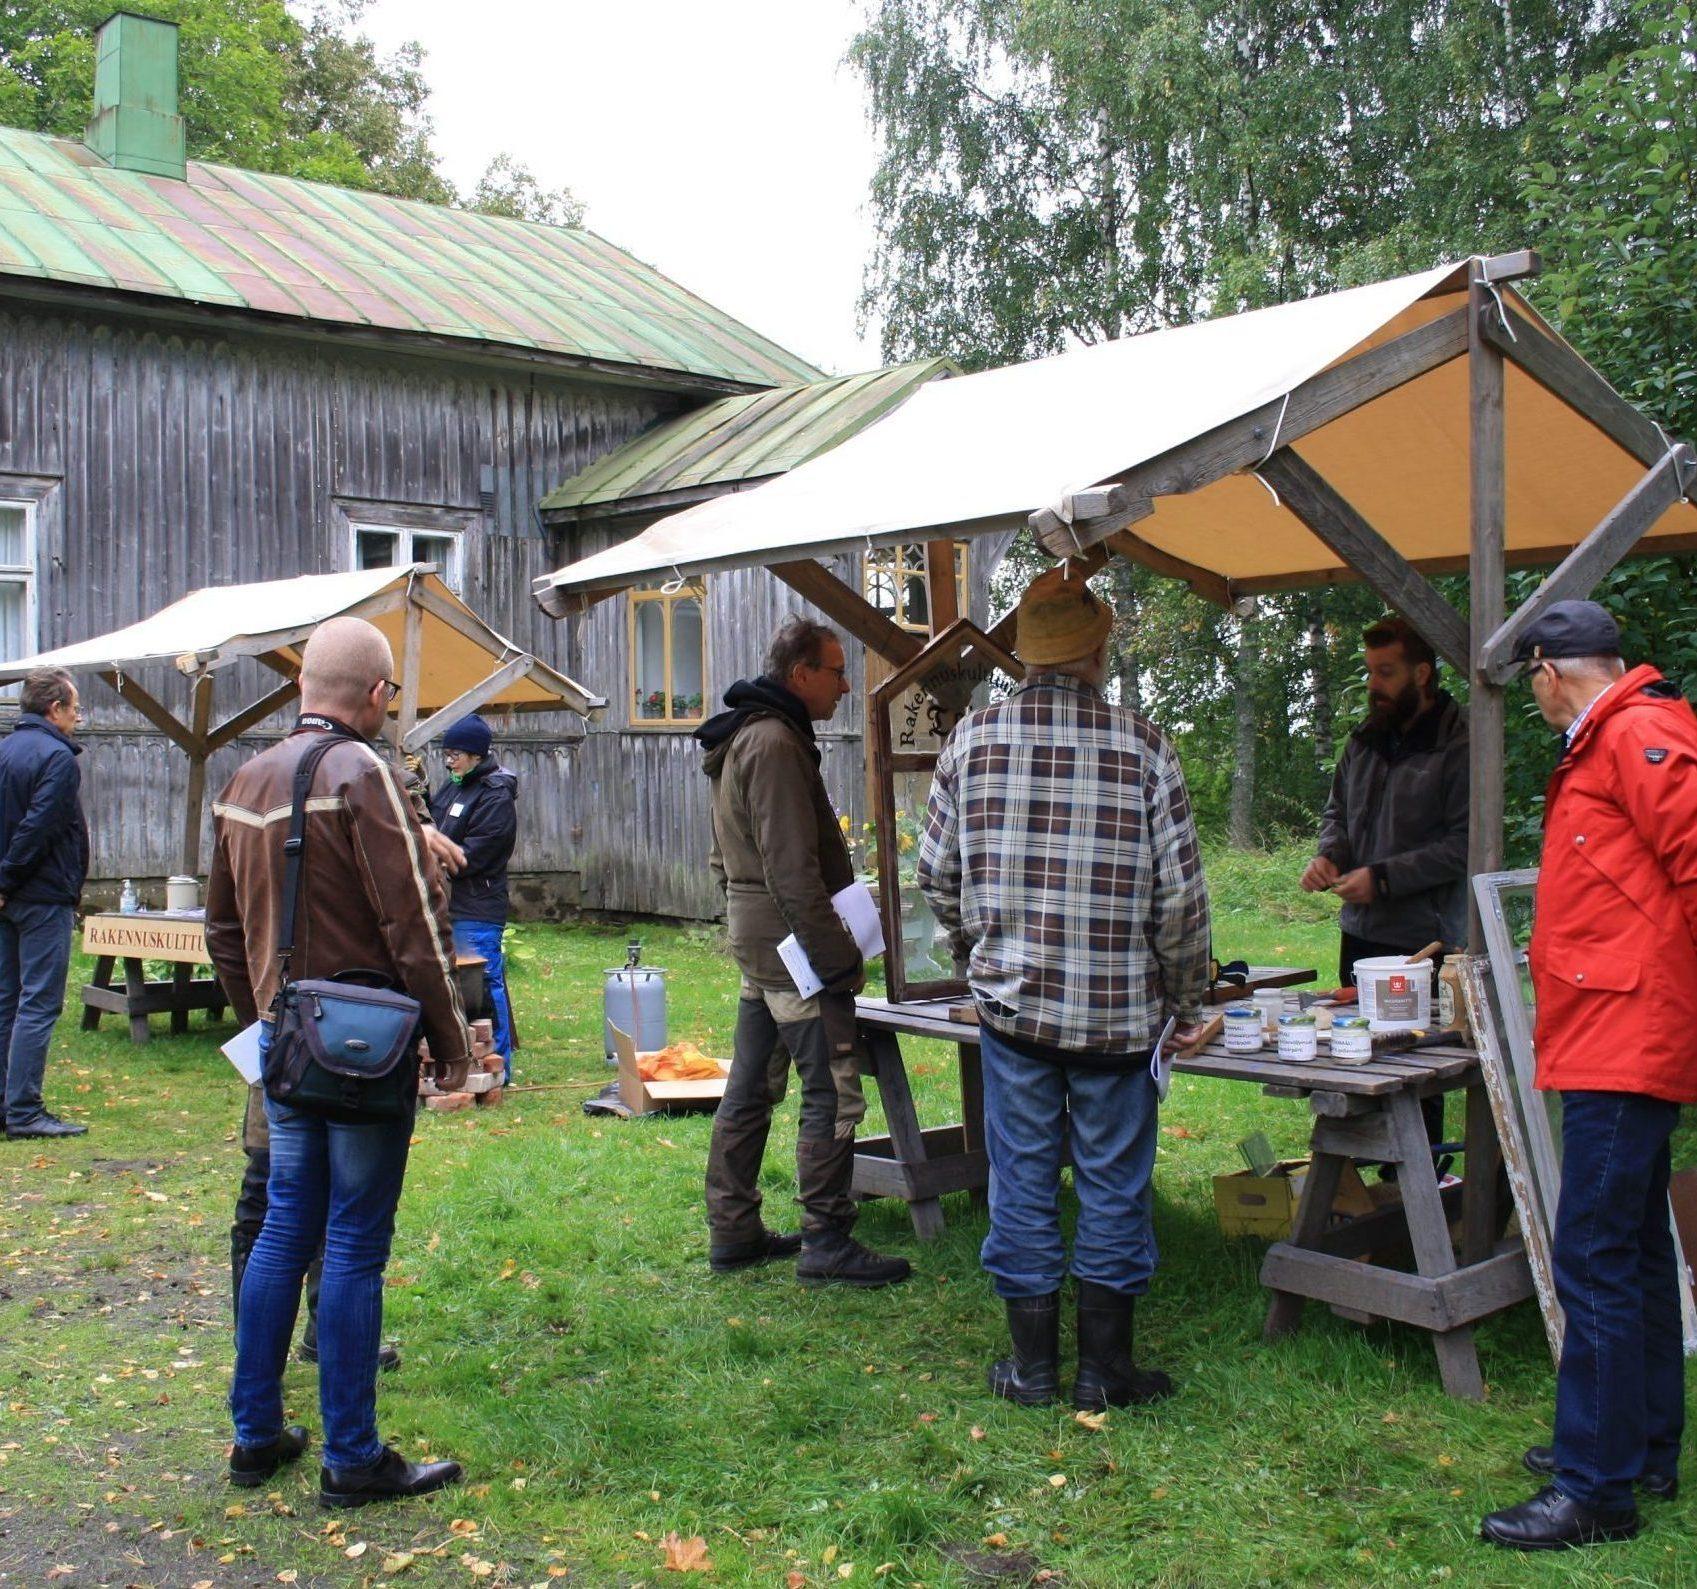 Kuvassa ihmisiä kokoontuneena harmaan puutalon pihaan neuvontakojujen ääreen.